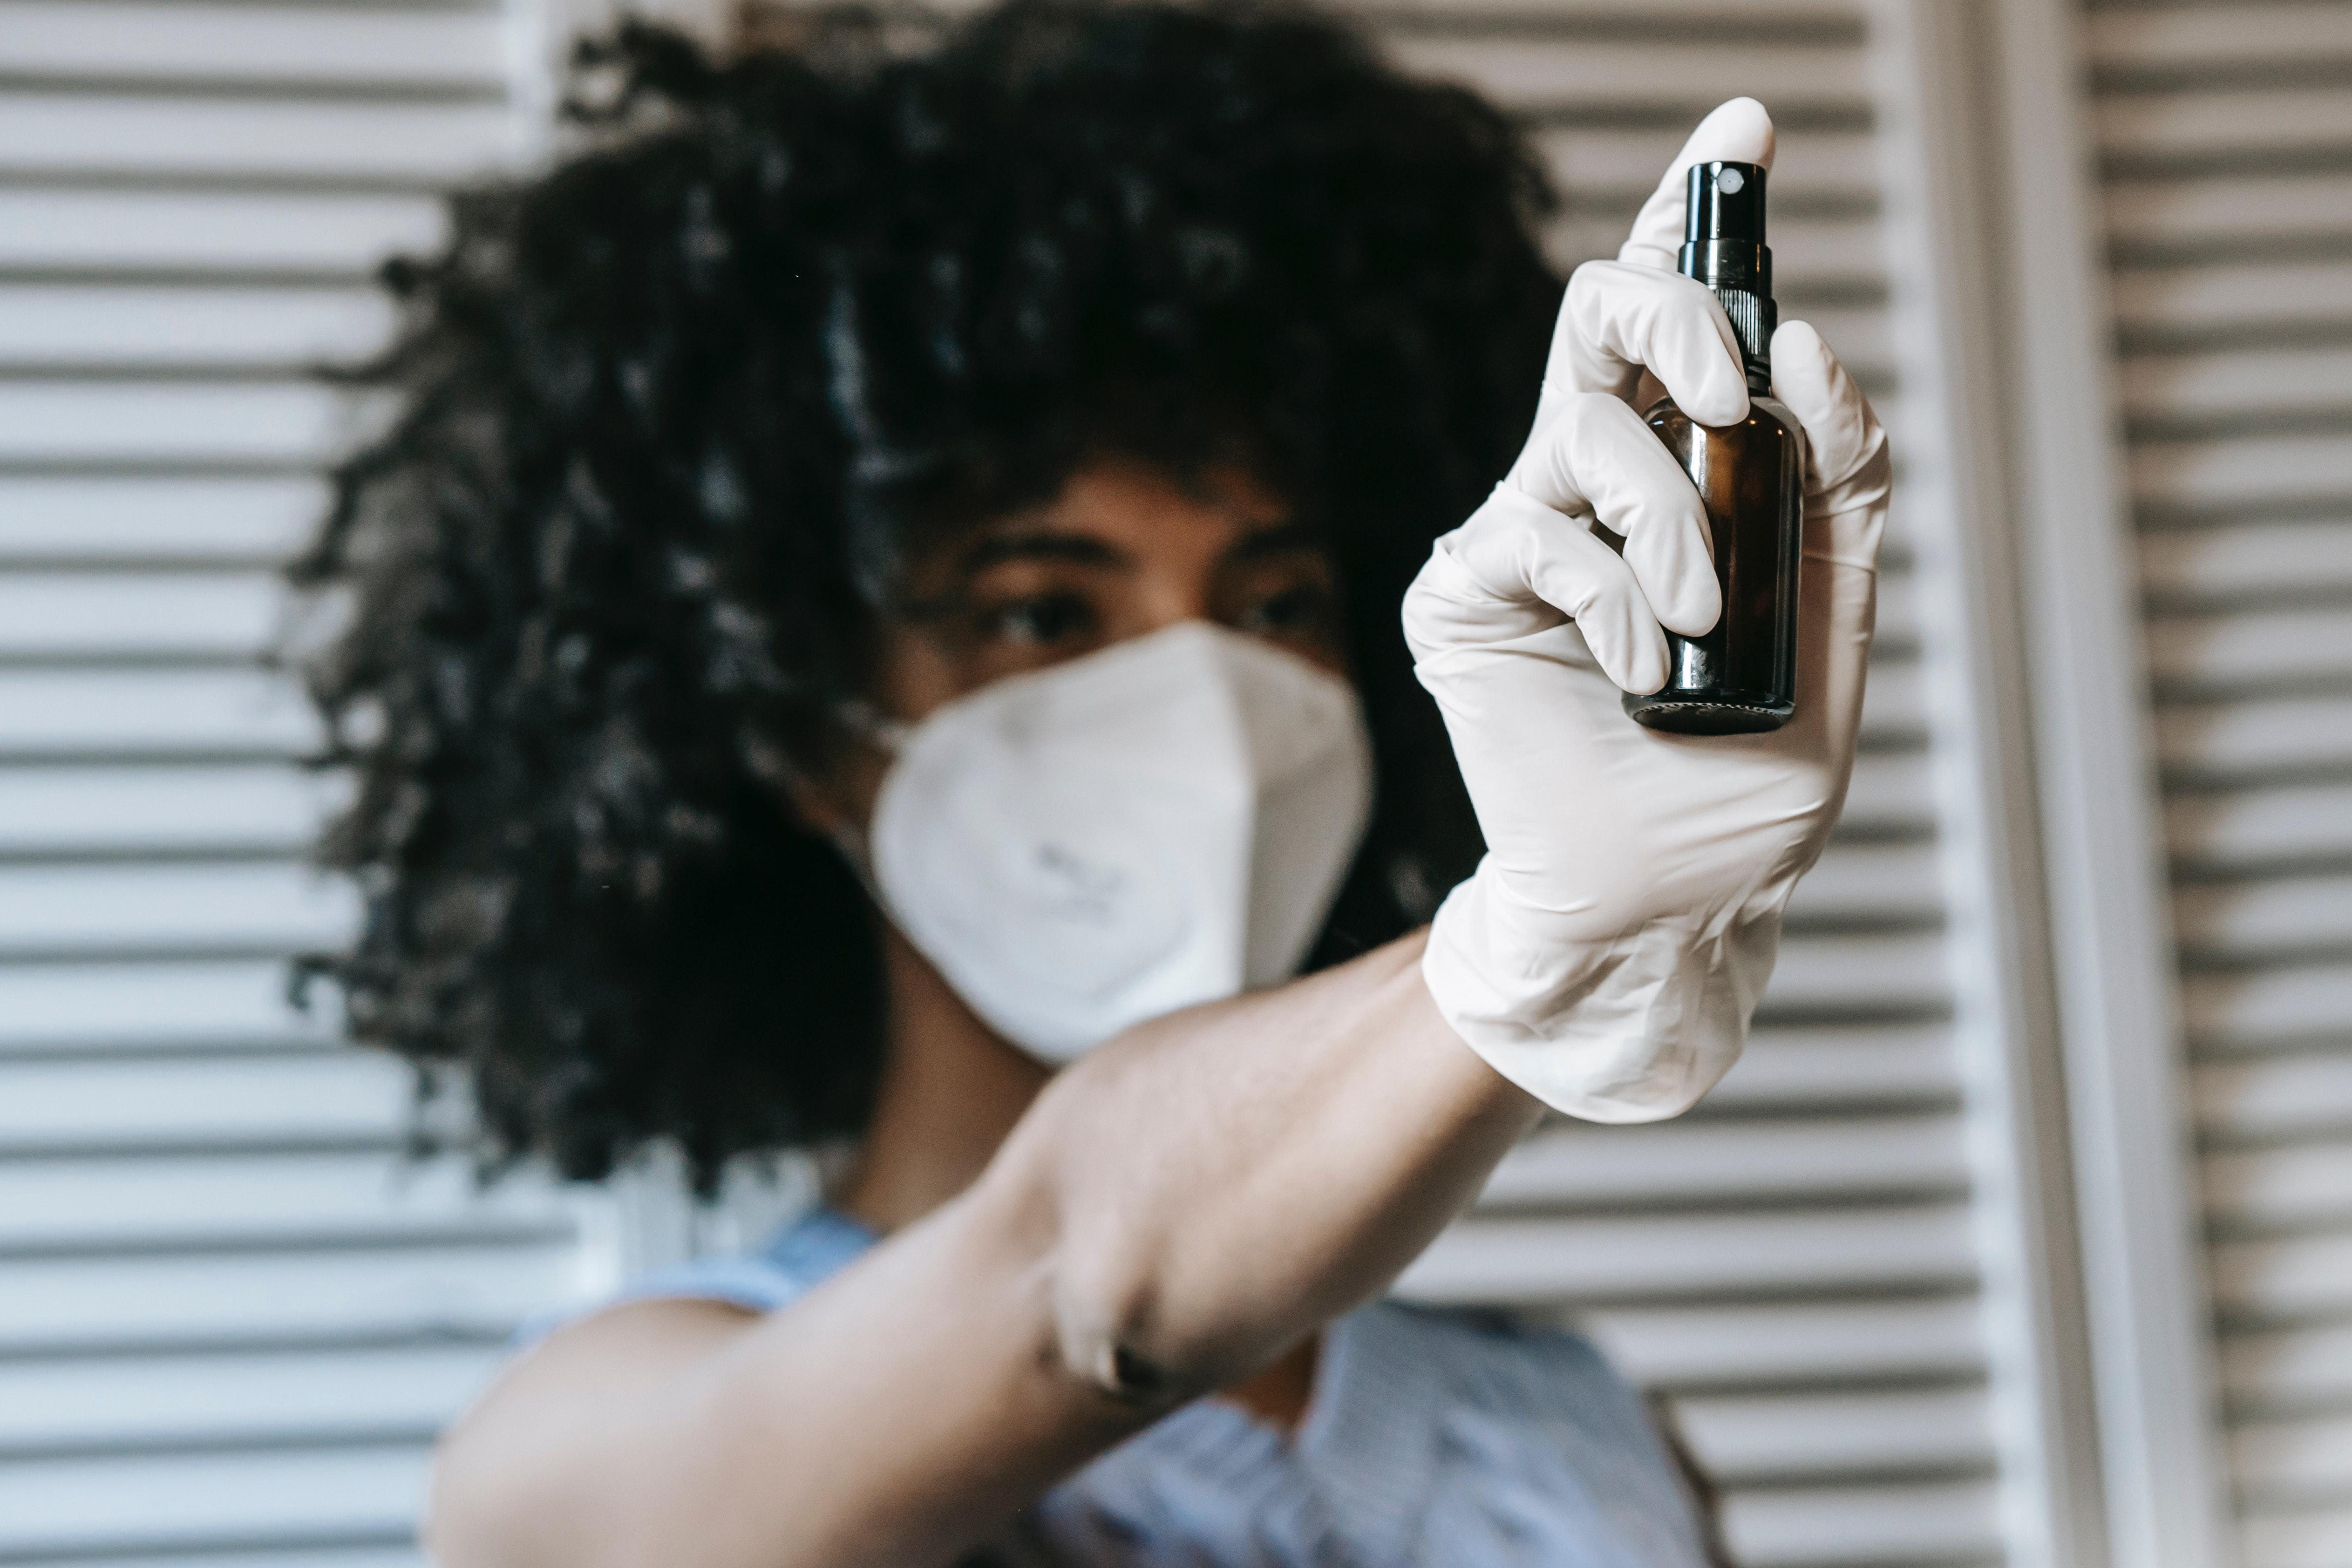 Evidencia científica señala que 98 por ciento del virus entra por la nariz.